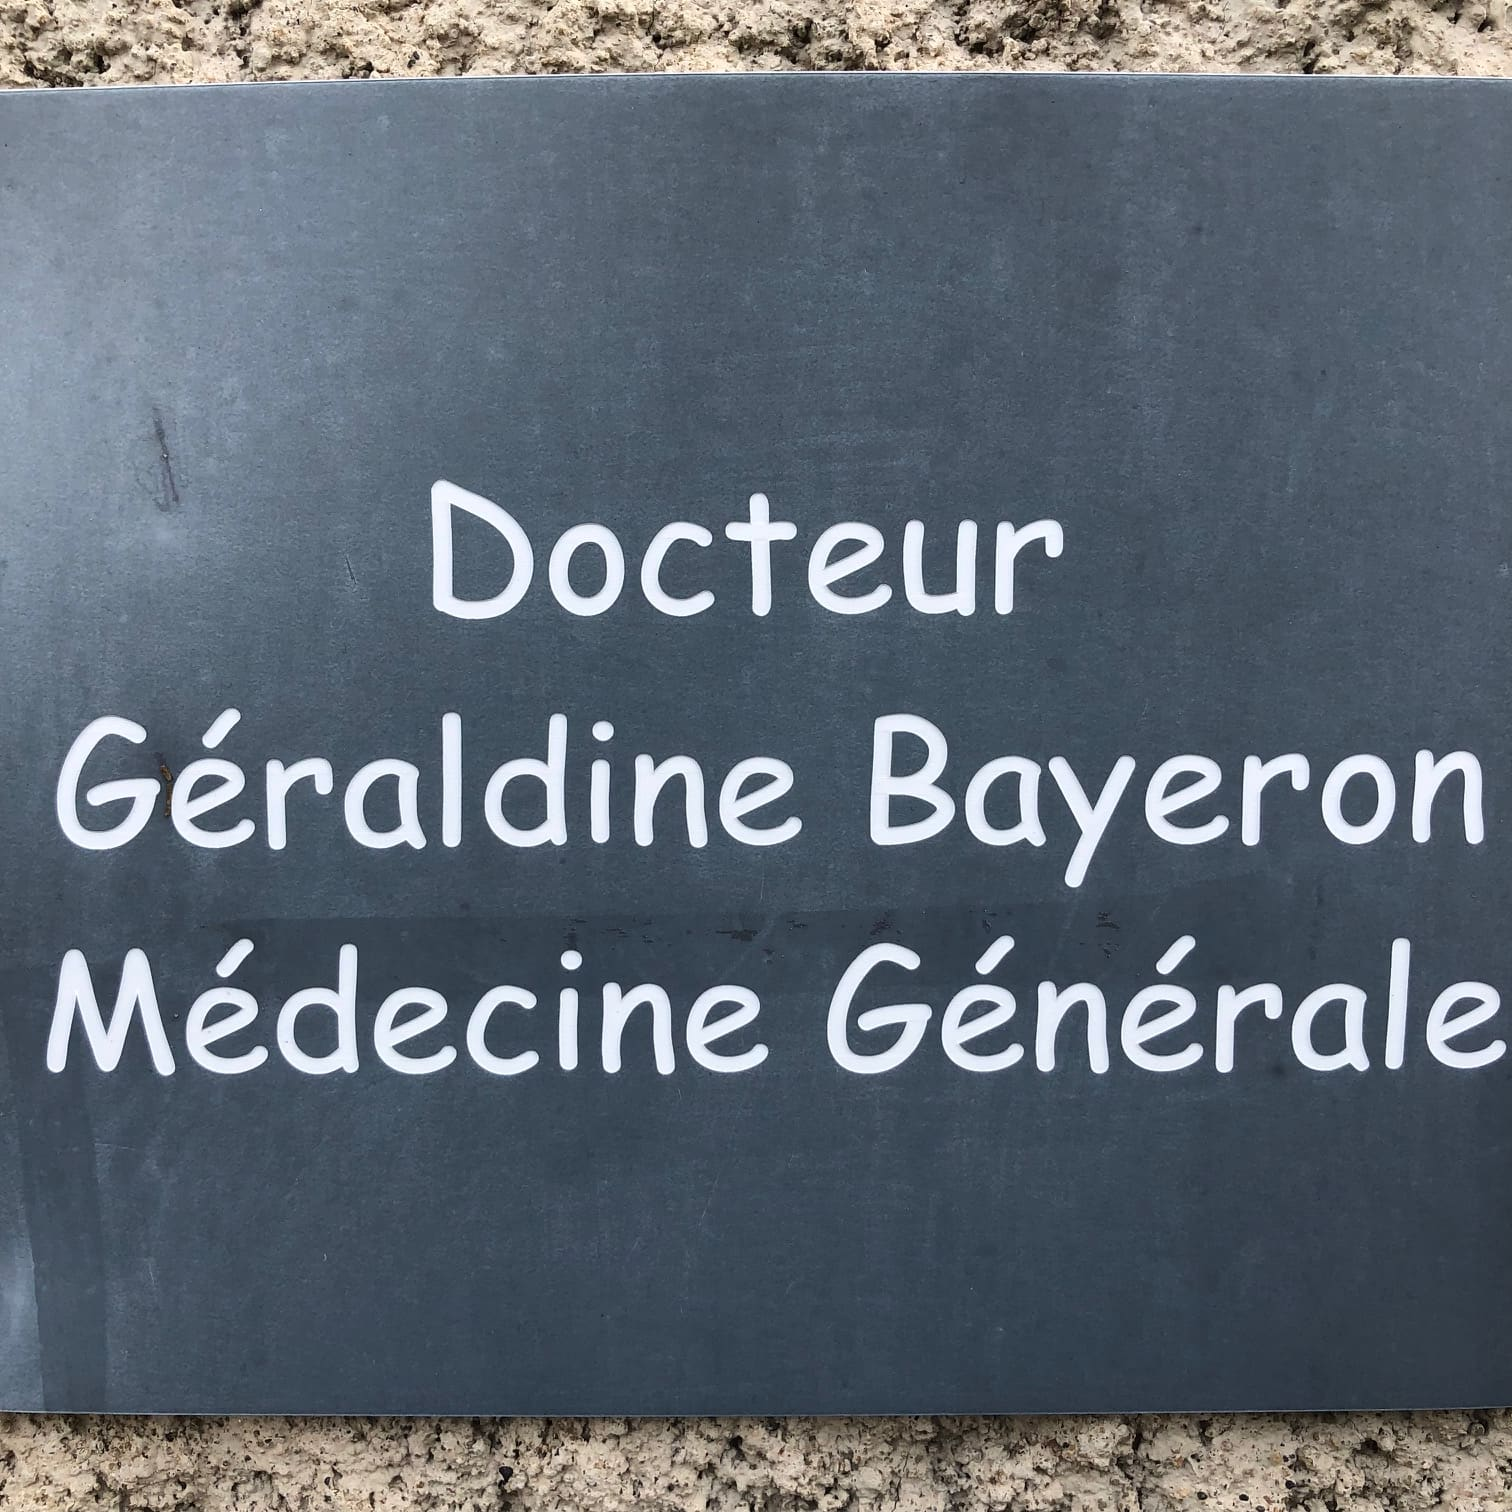 geraldine63